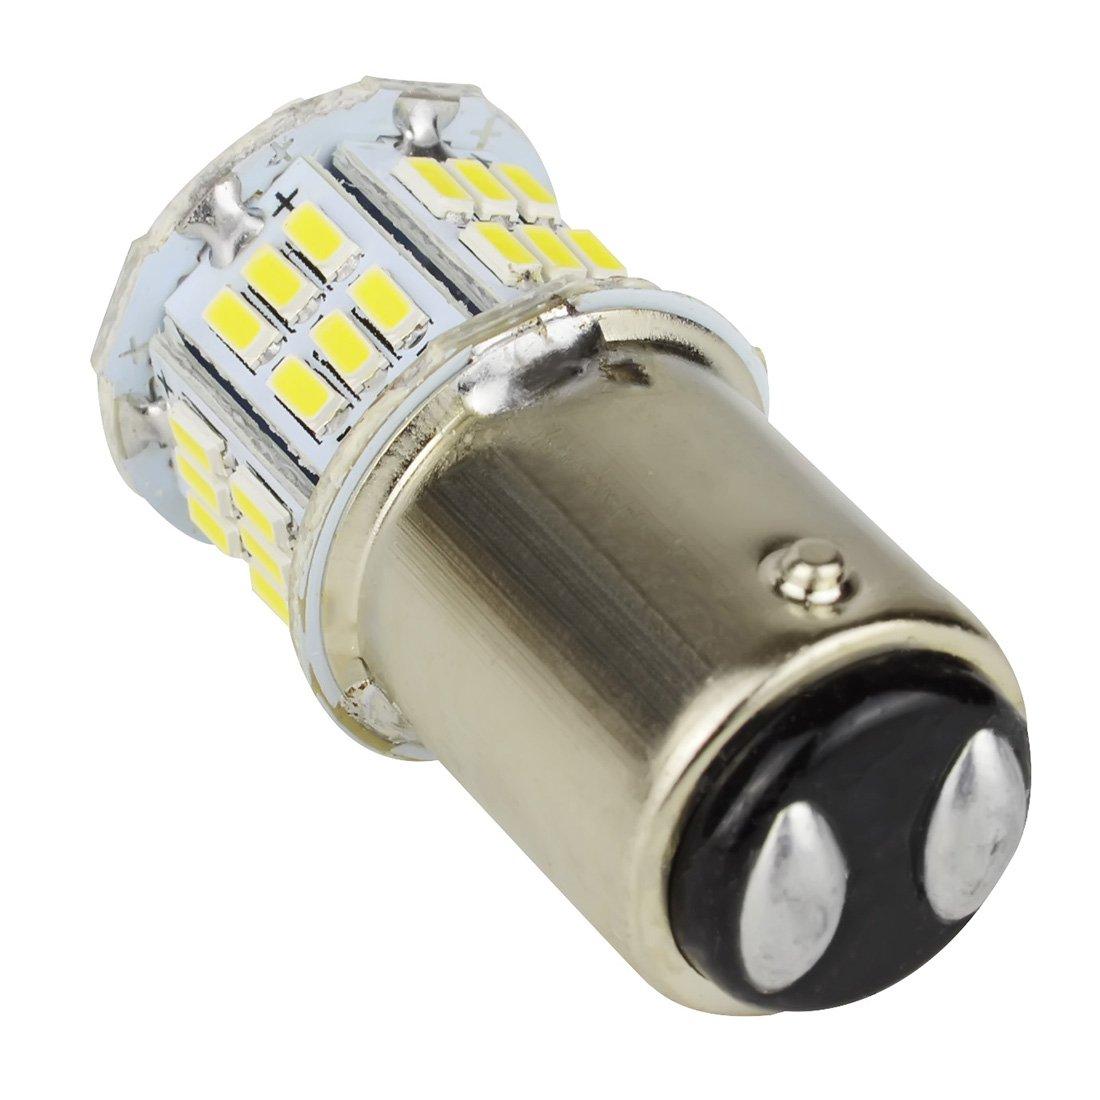 Safego 2x Bombillas LED 1157 P21//5W BAY15D 54 SMD 3014 Luz de Estacionamiento Luz Exterior Coches Motos 12V Blanco 6000K